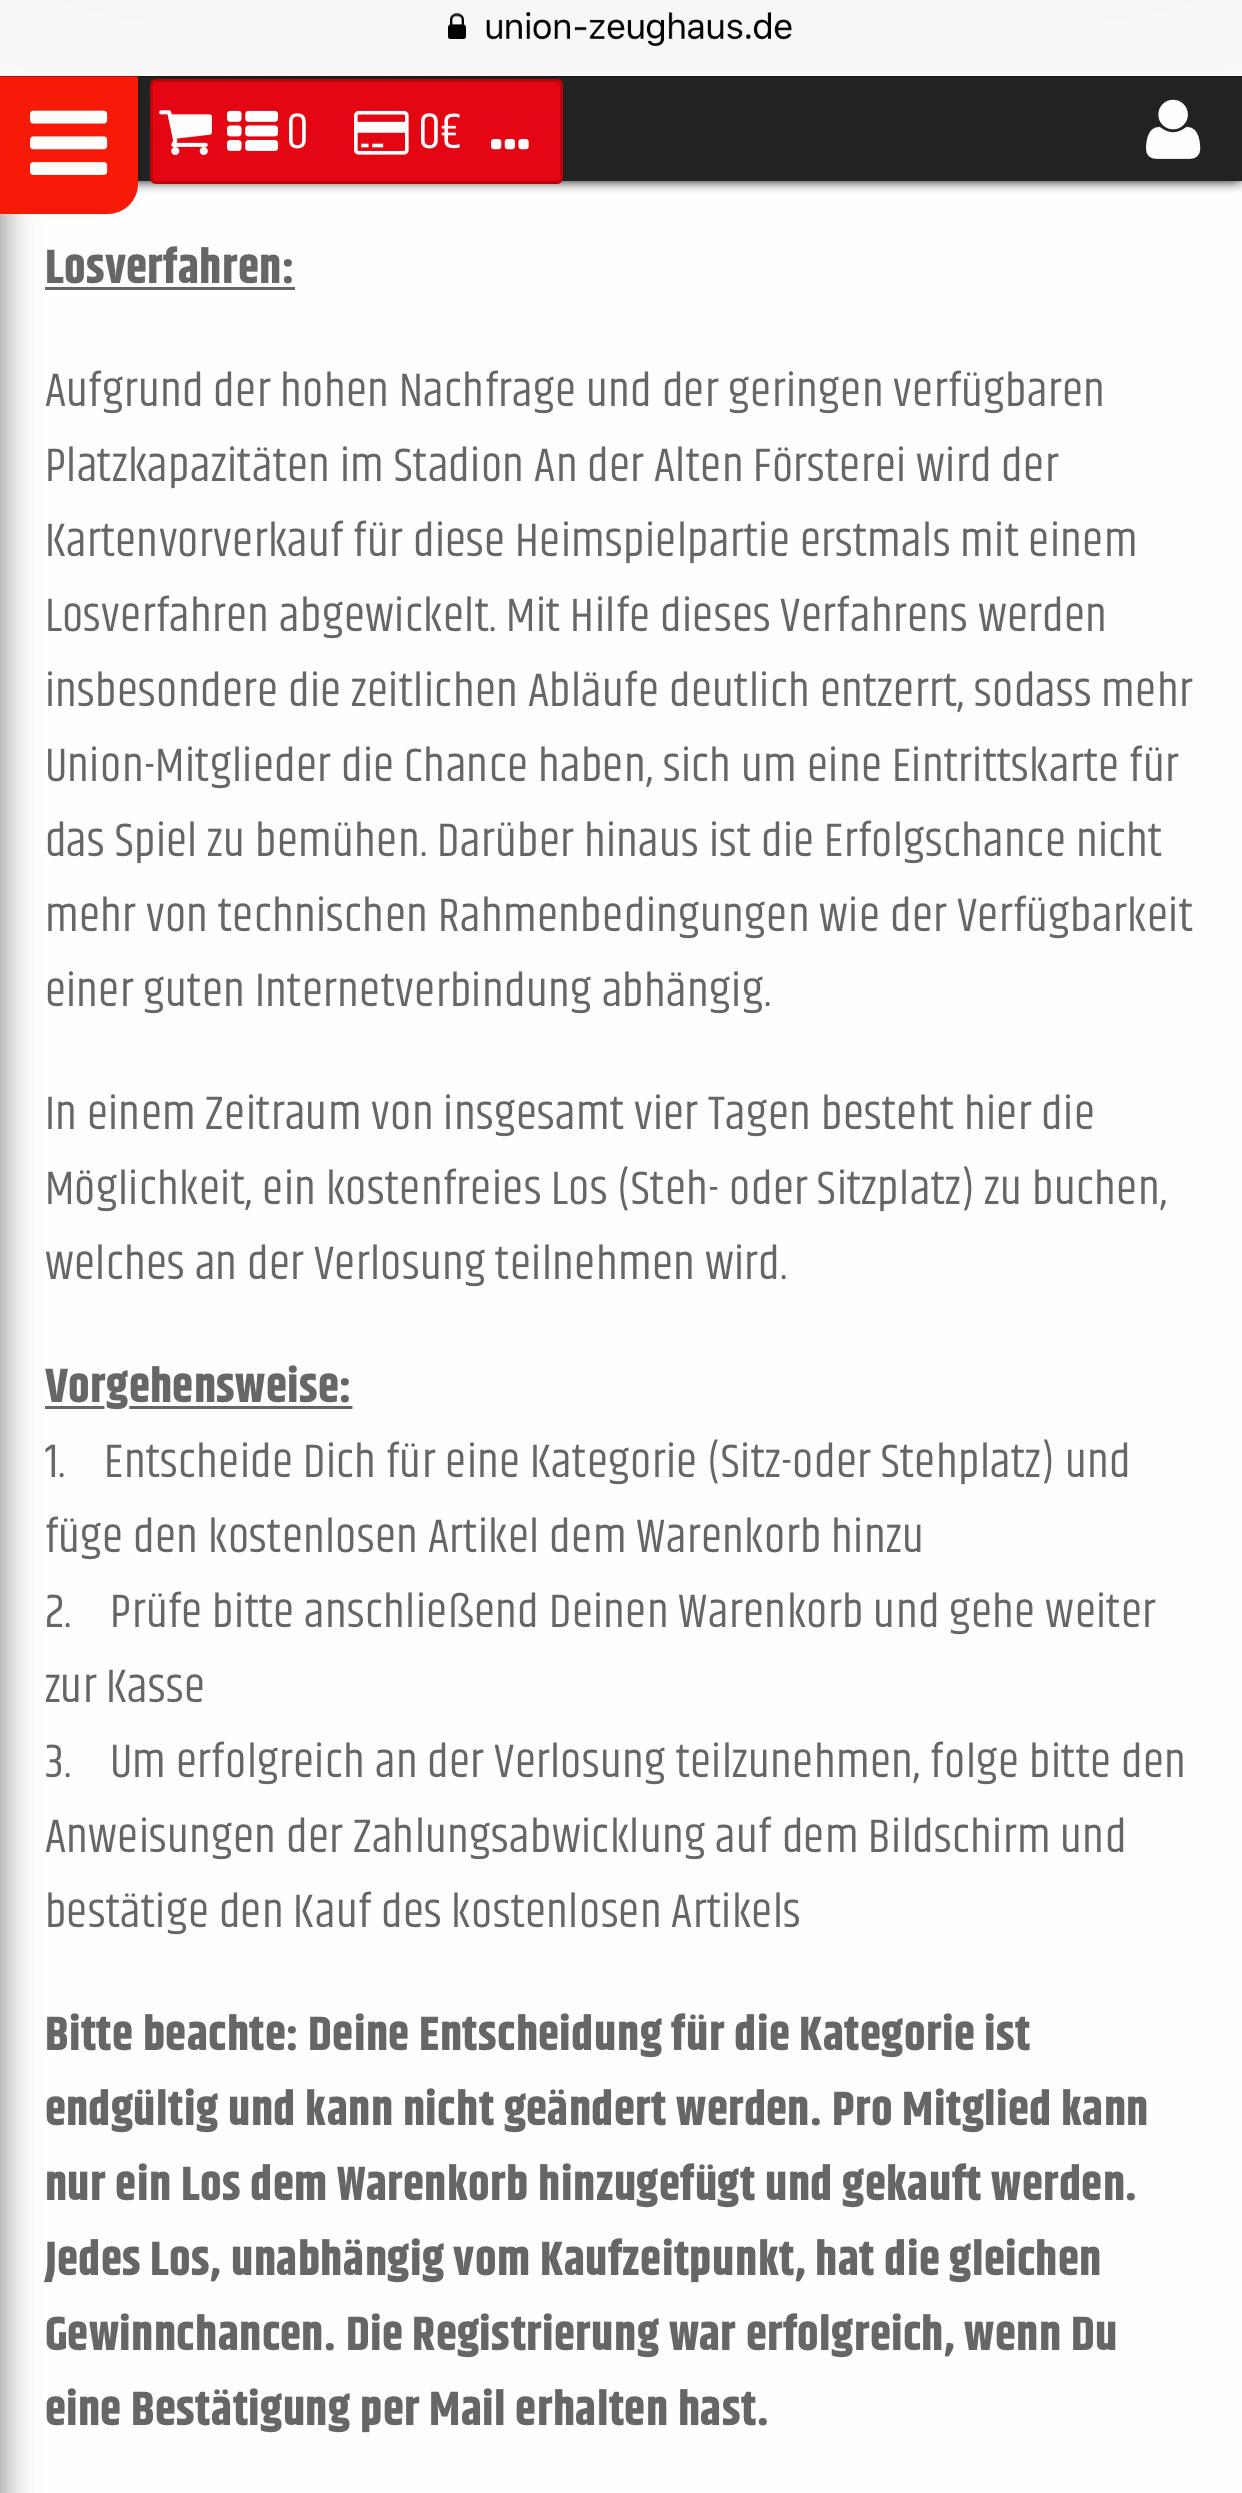 Verlosung der Tickets 1. FC Union Berlin gegen Borussia Dortmund